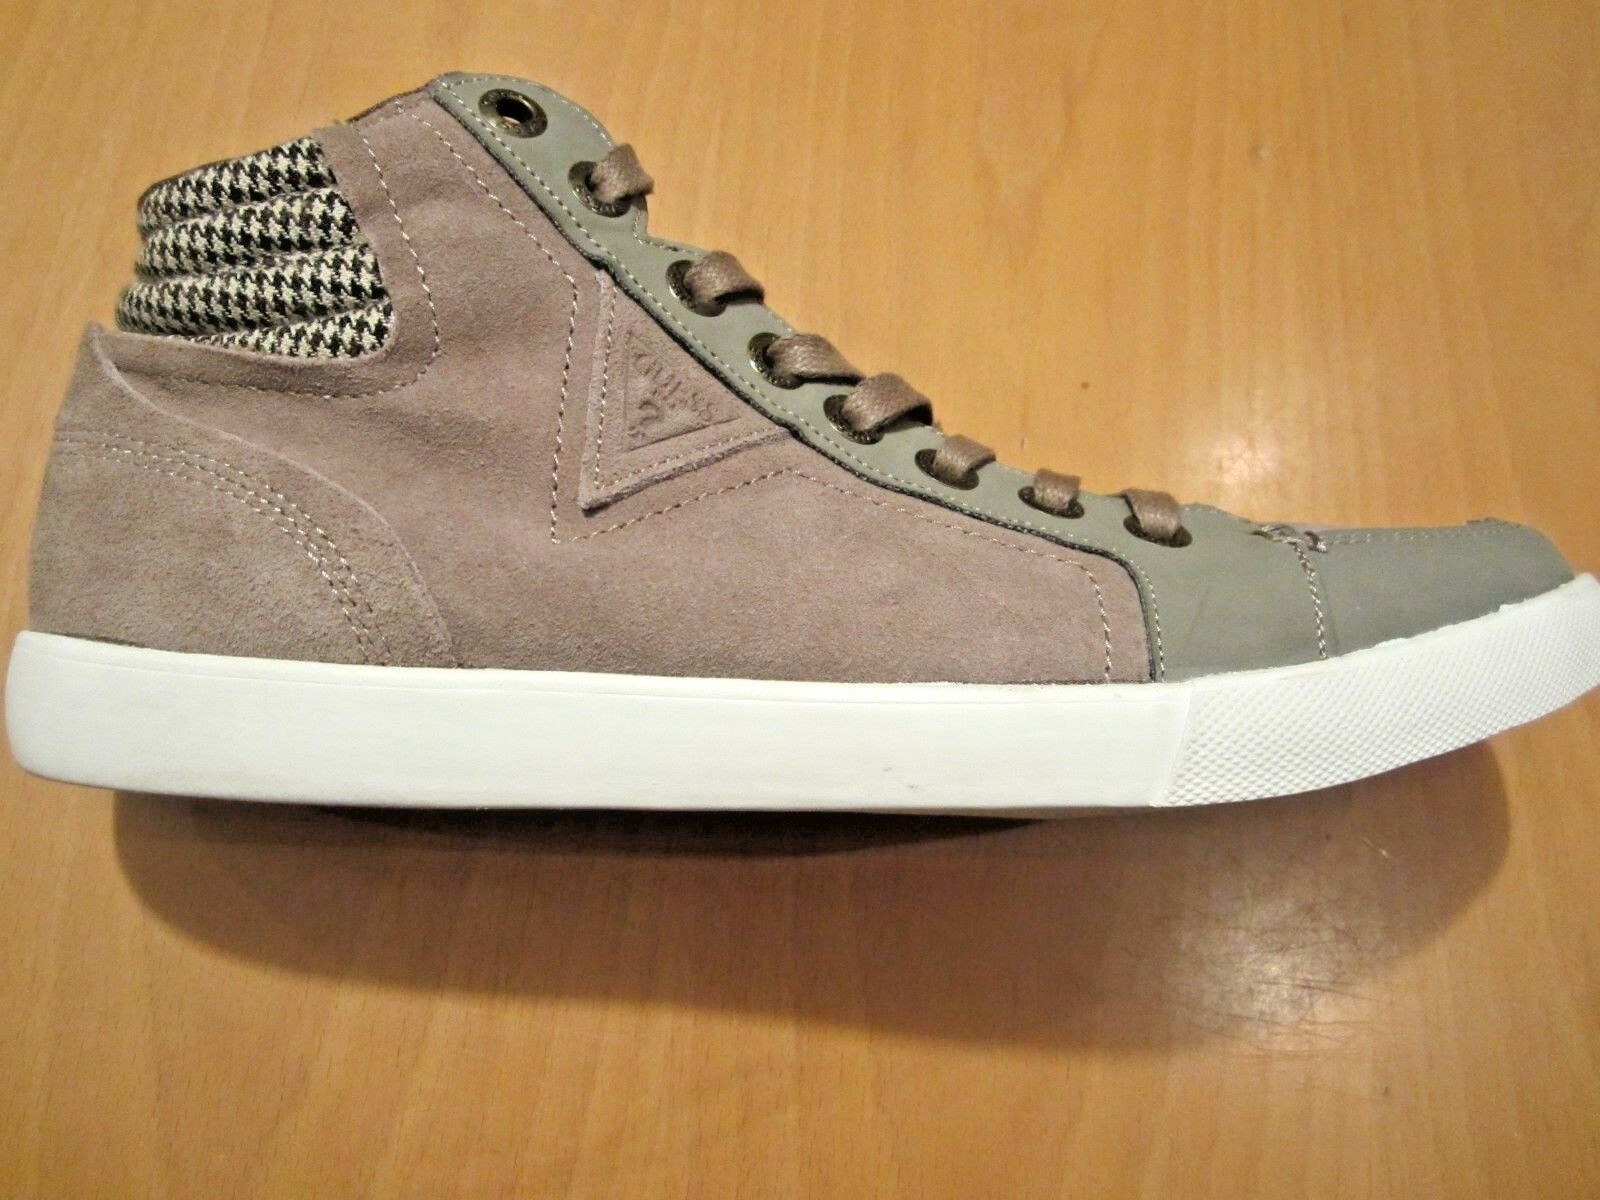 BNWT Nuevo Guess Hi Top Zapatillas botas Zapatillas Zapatos Talla Marrón Gamuza Para Hombre